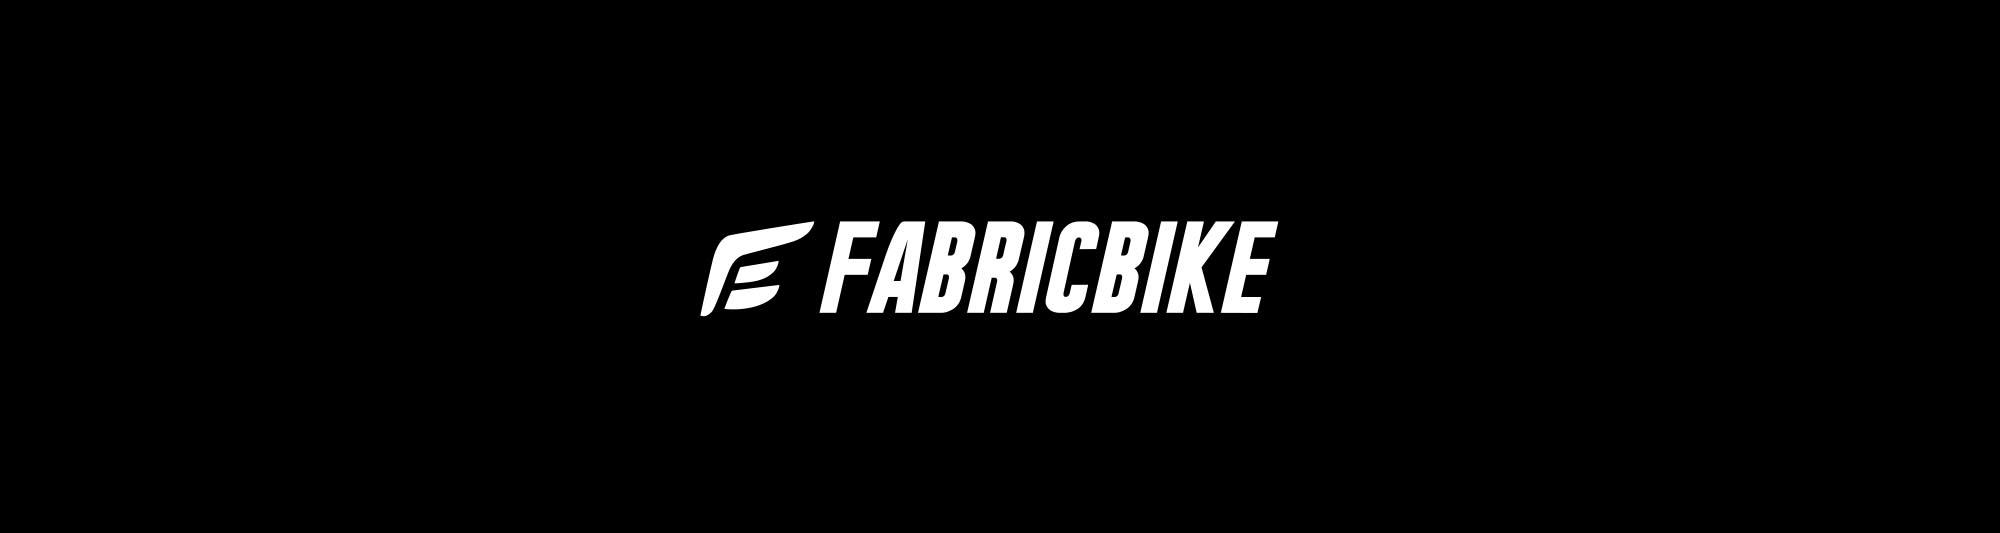 FbricBike Logo